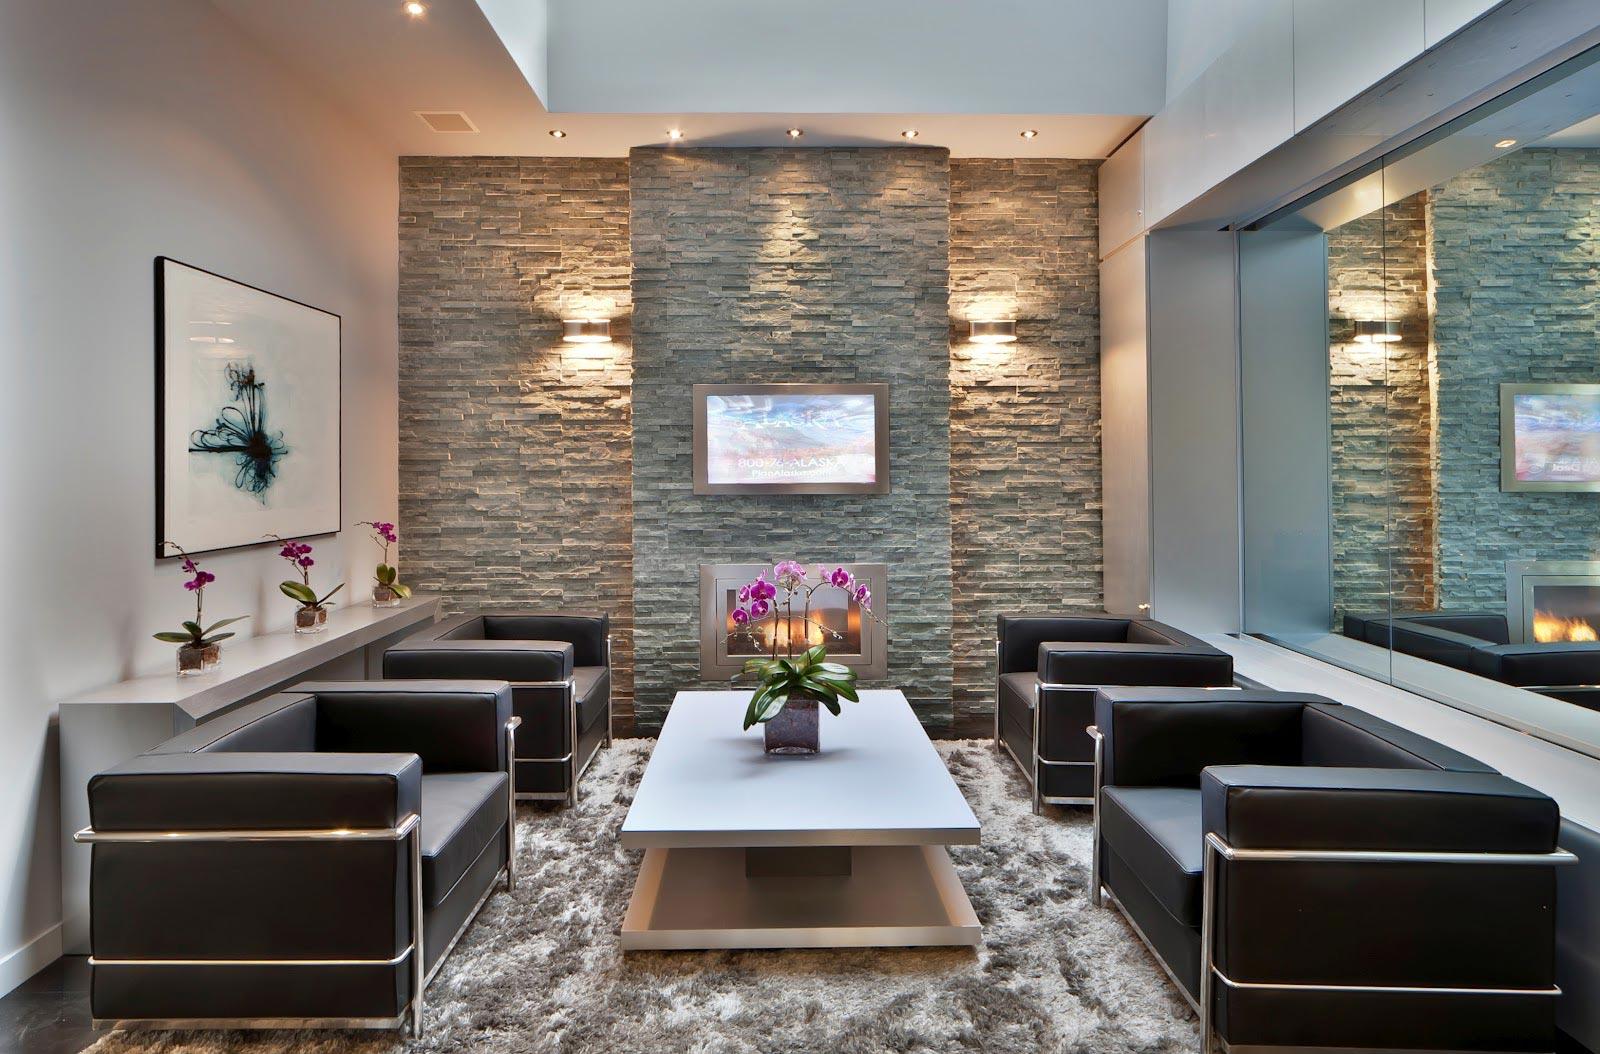 Υπηρεσίες GRECOSTONE - Τεχνητή Διακόσμηση Τοίχου με Ξύλο & Πέτρα